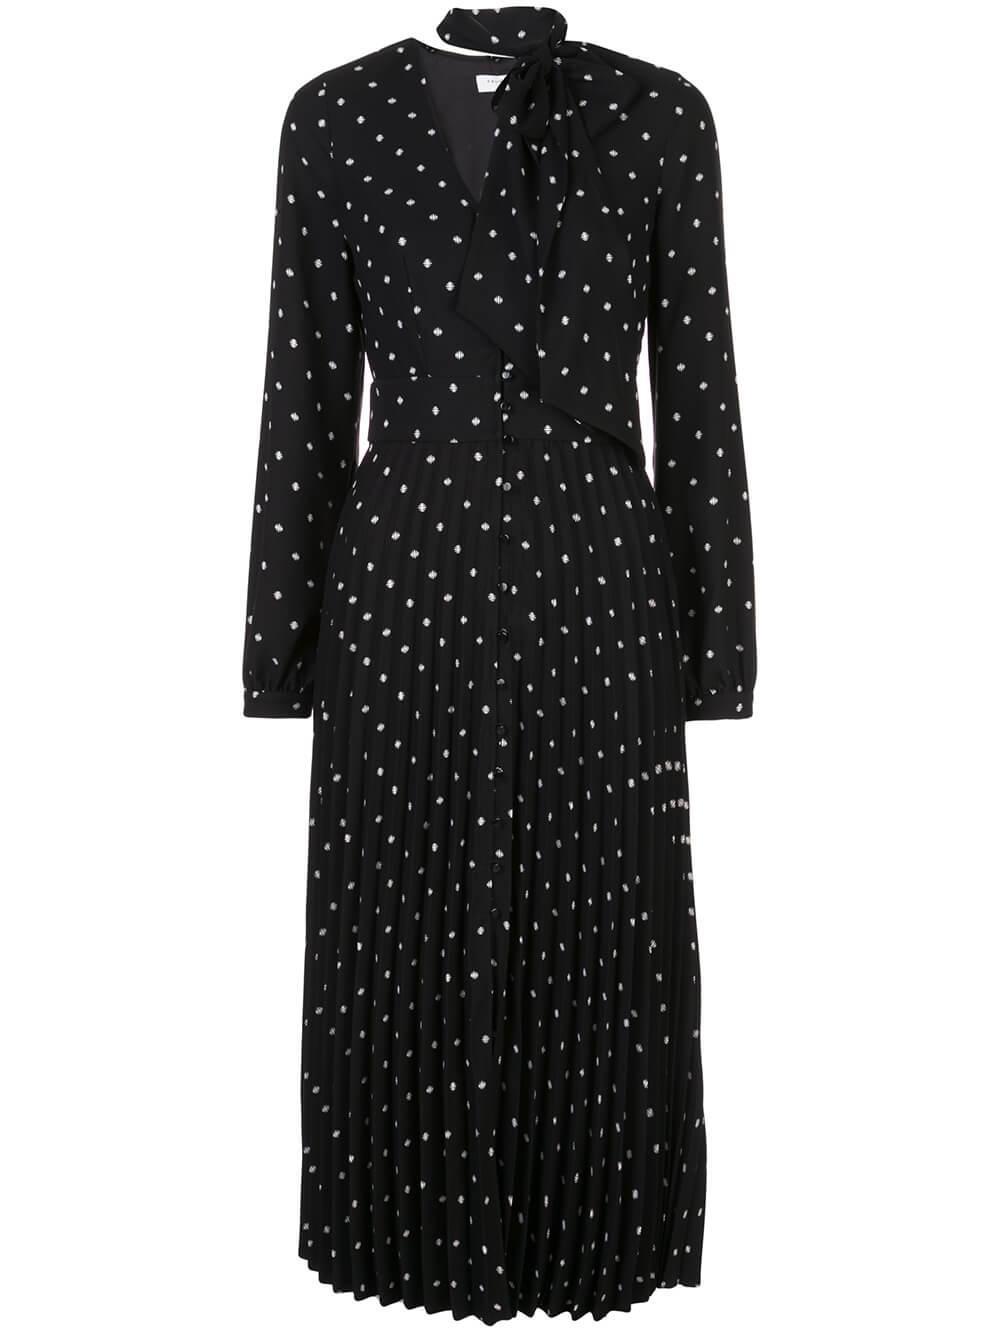 Amirin Polka Dot Dress